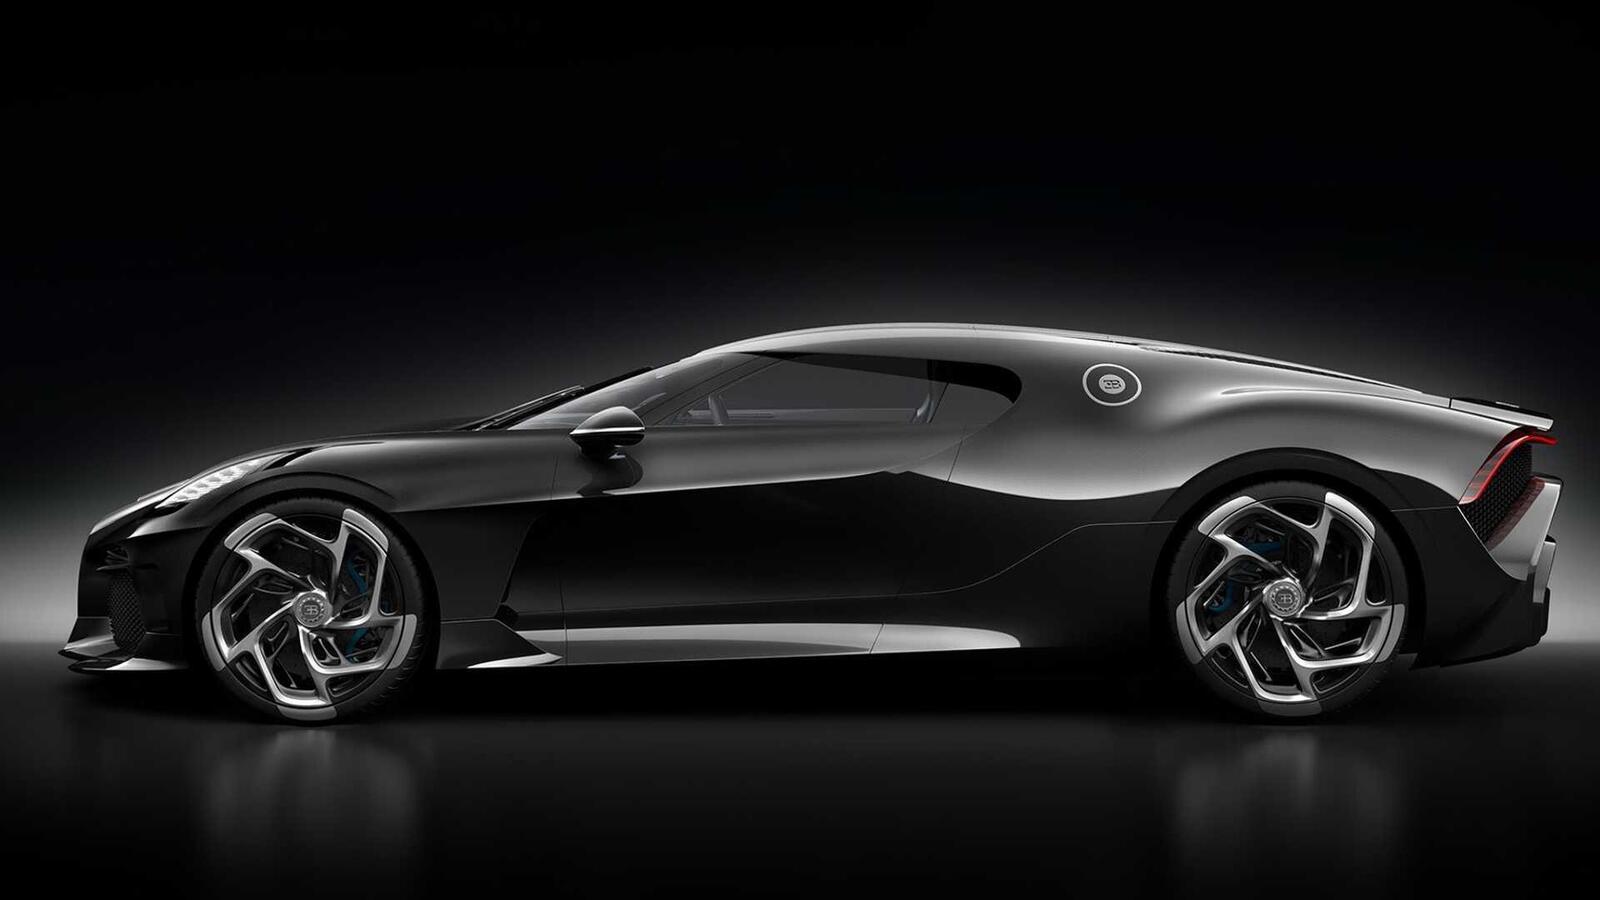 [GMS2019] Siêu phẩm Bugatti La Voatio Noire ra mắt: Chỉ một chiếc được sản xuất; giá hơn 259 tỷ đồng - Hình 5